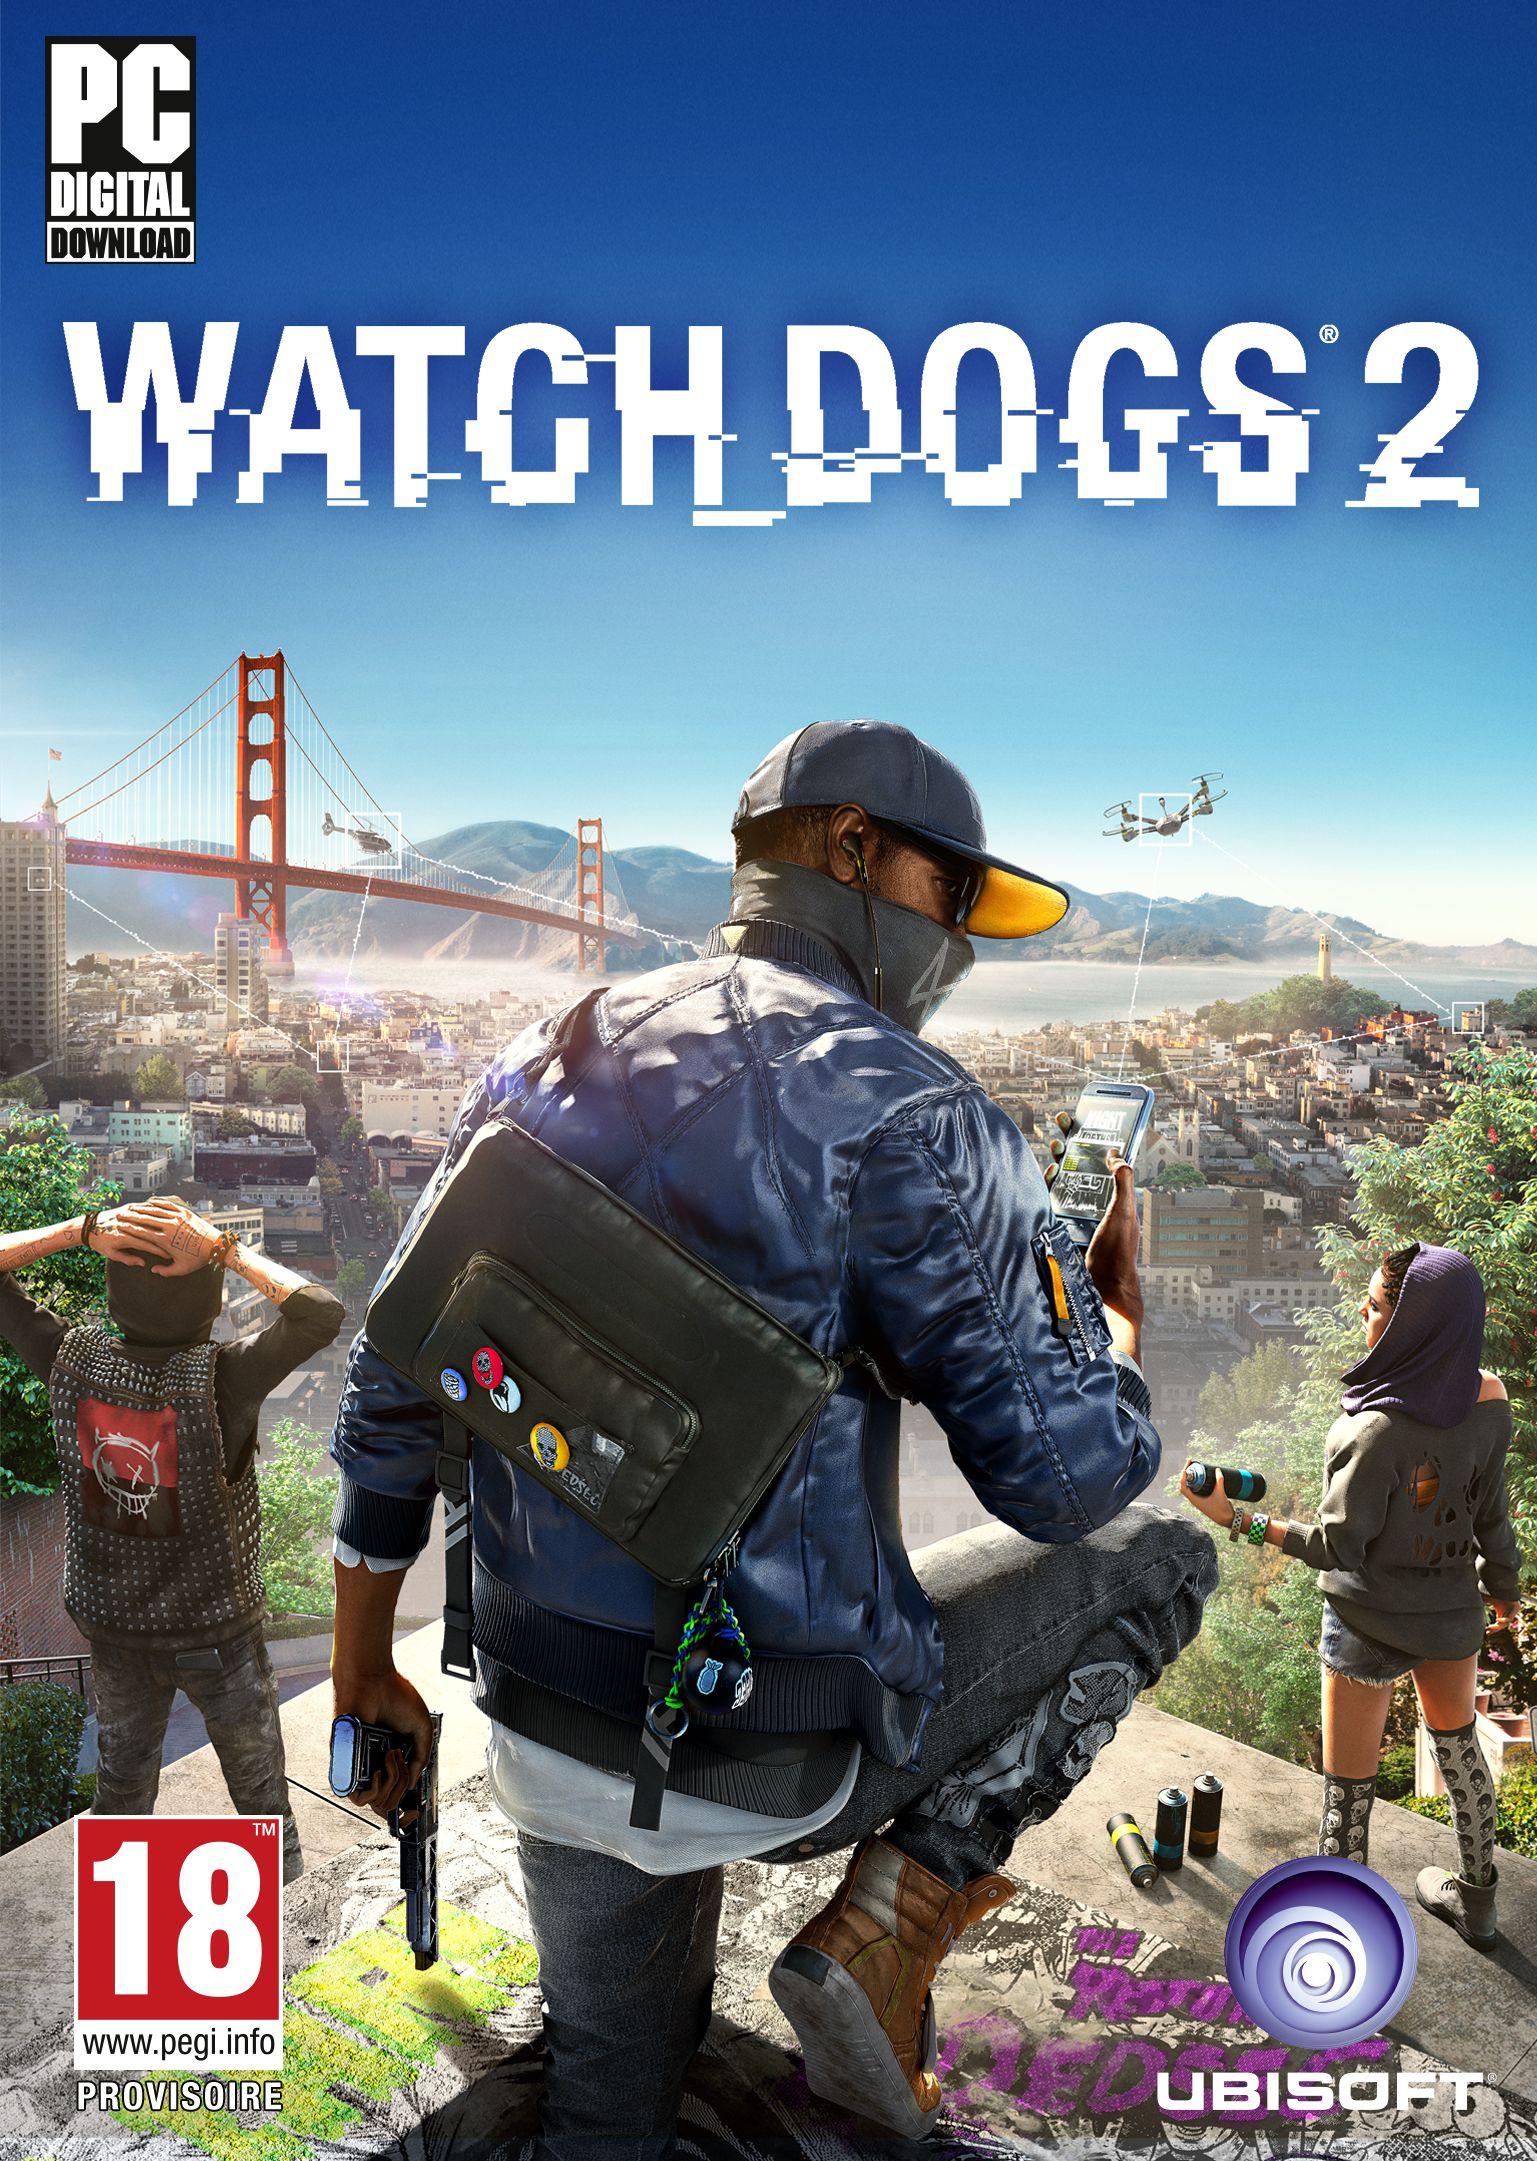 Rejoignez la révolution du hacking avec Watch Dog 2